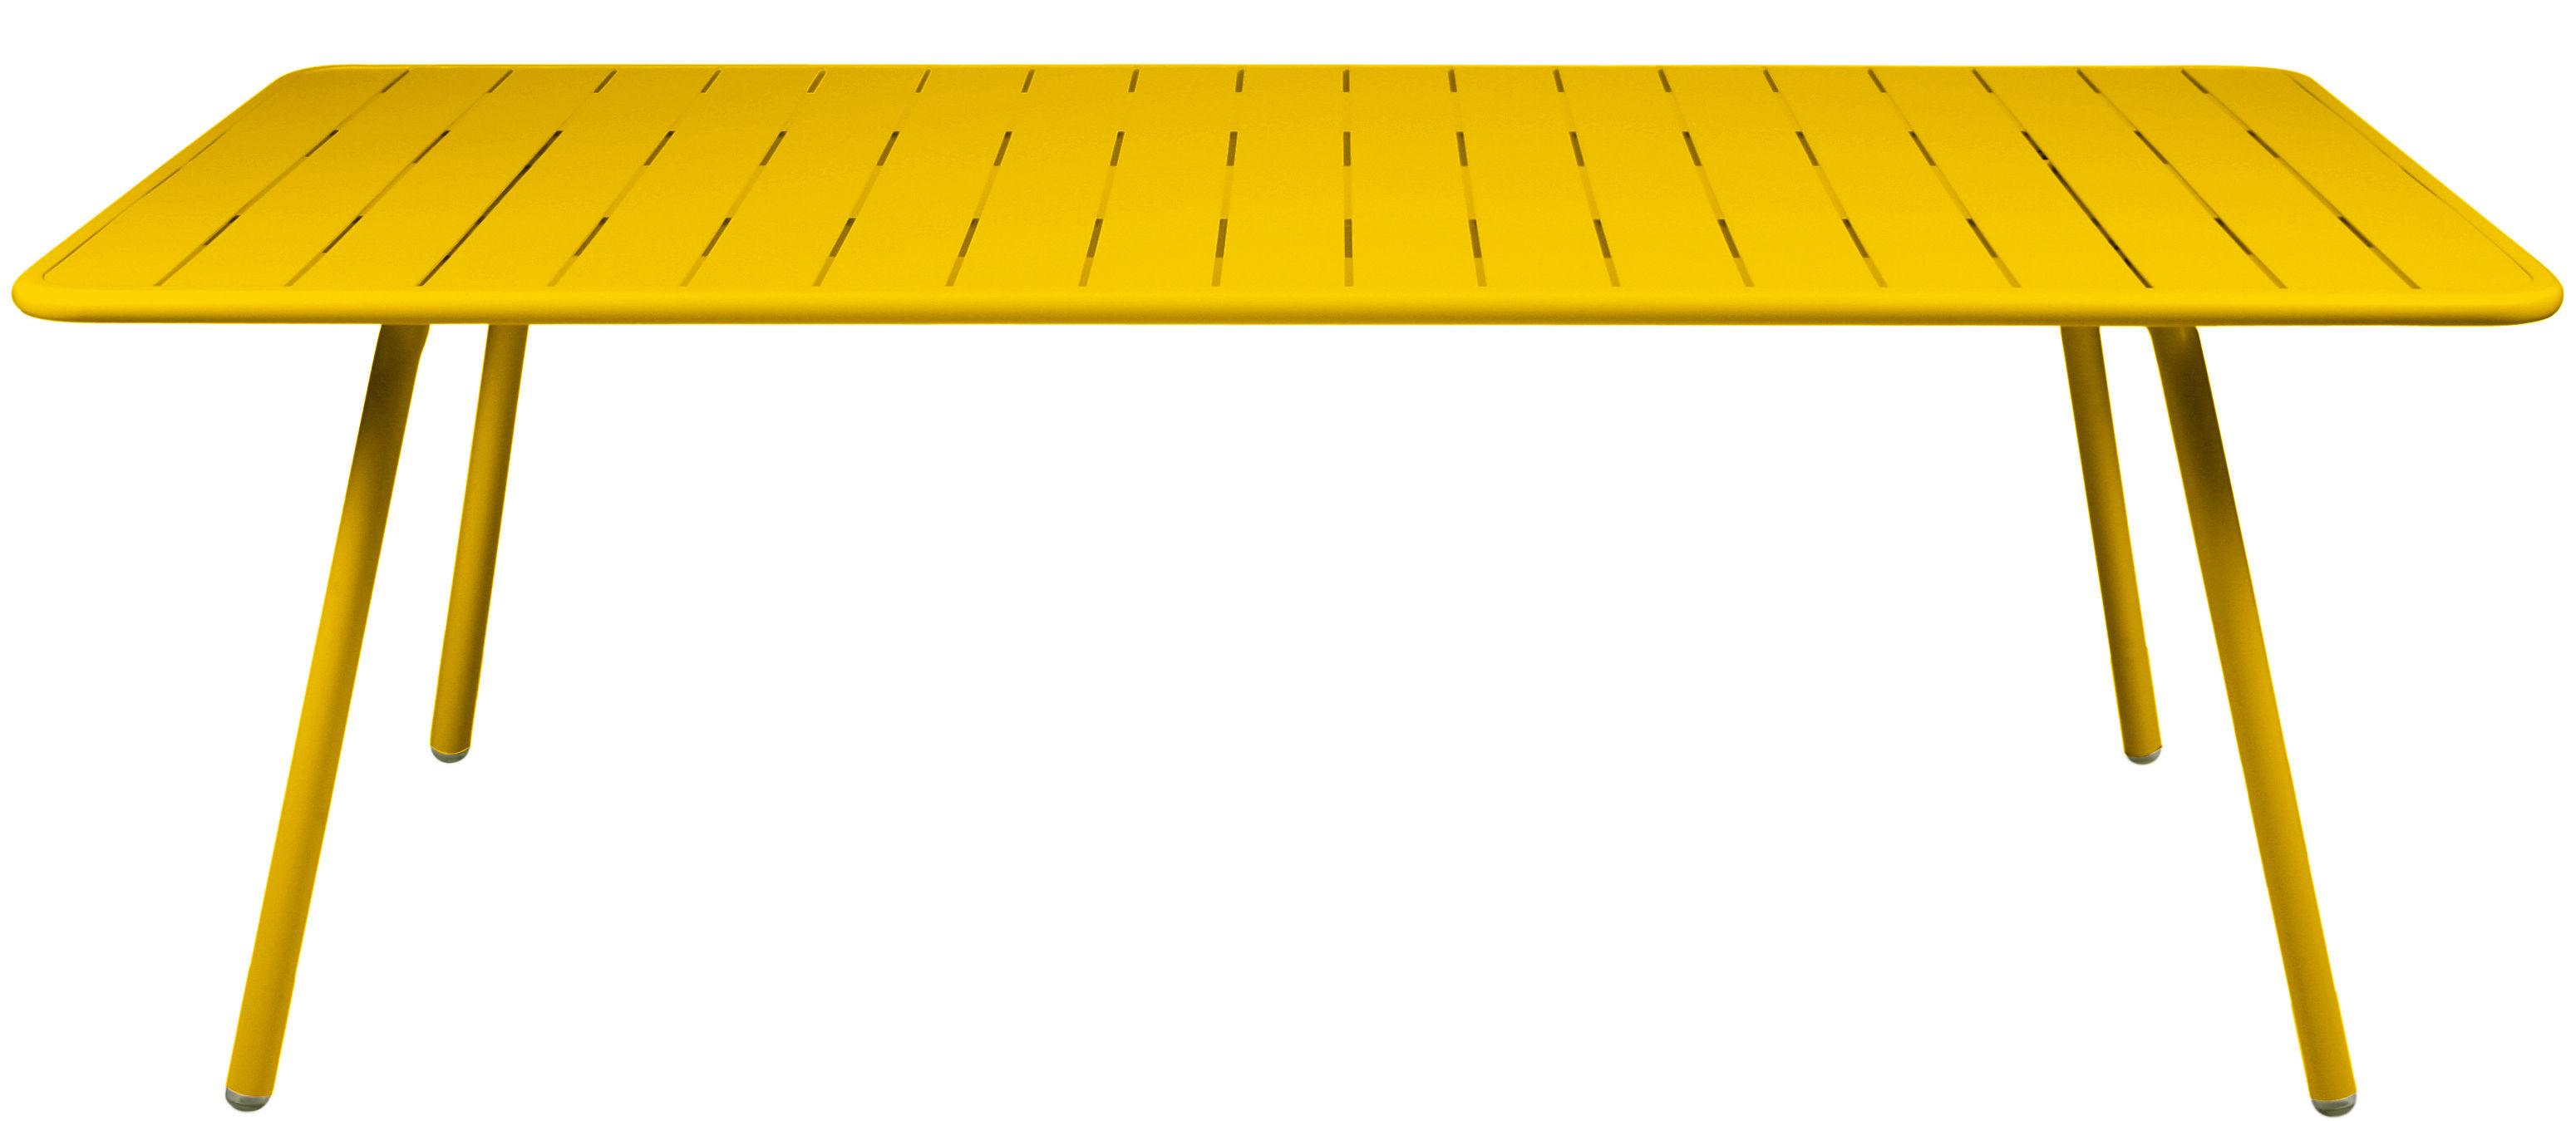 Life Style - Tavolo rettangolare Luxembourg - / 8 persone - L 207 cm di Fermob - Miele - Alluminio laccato